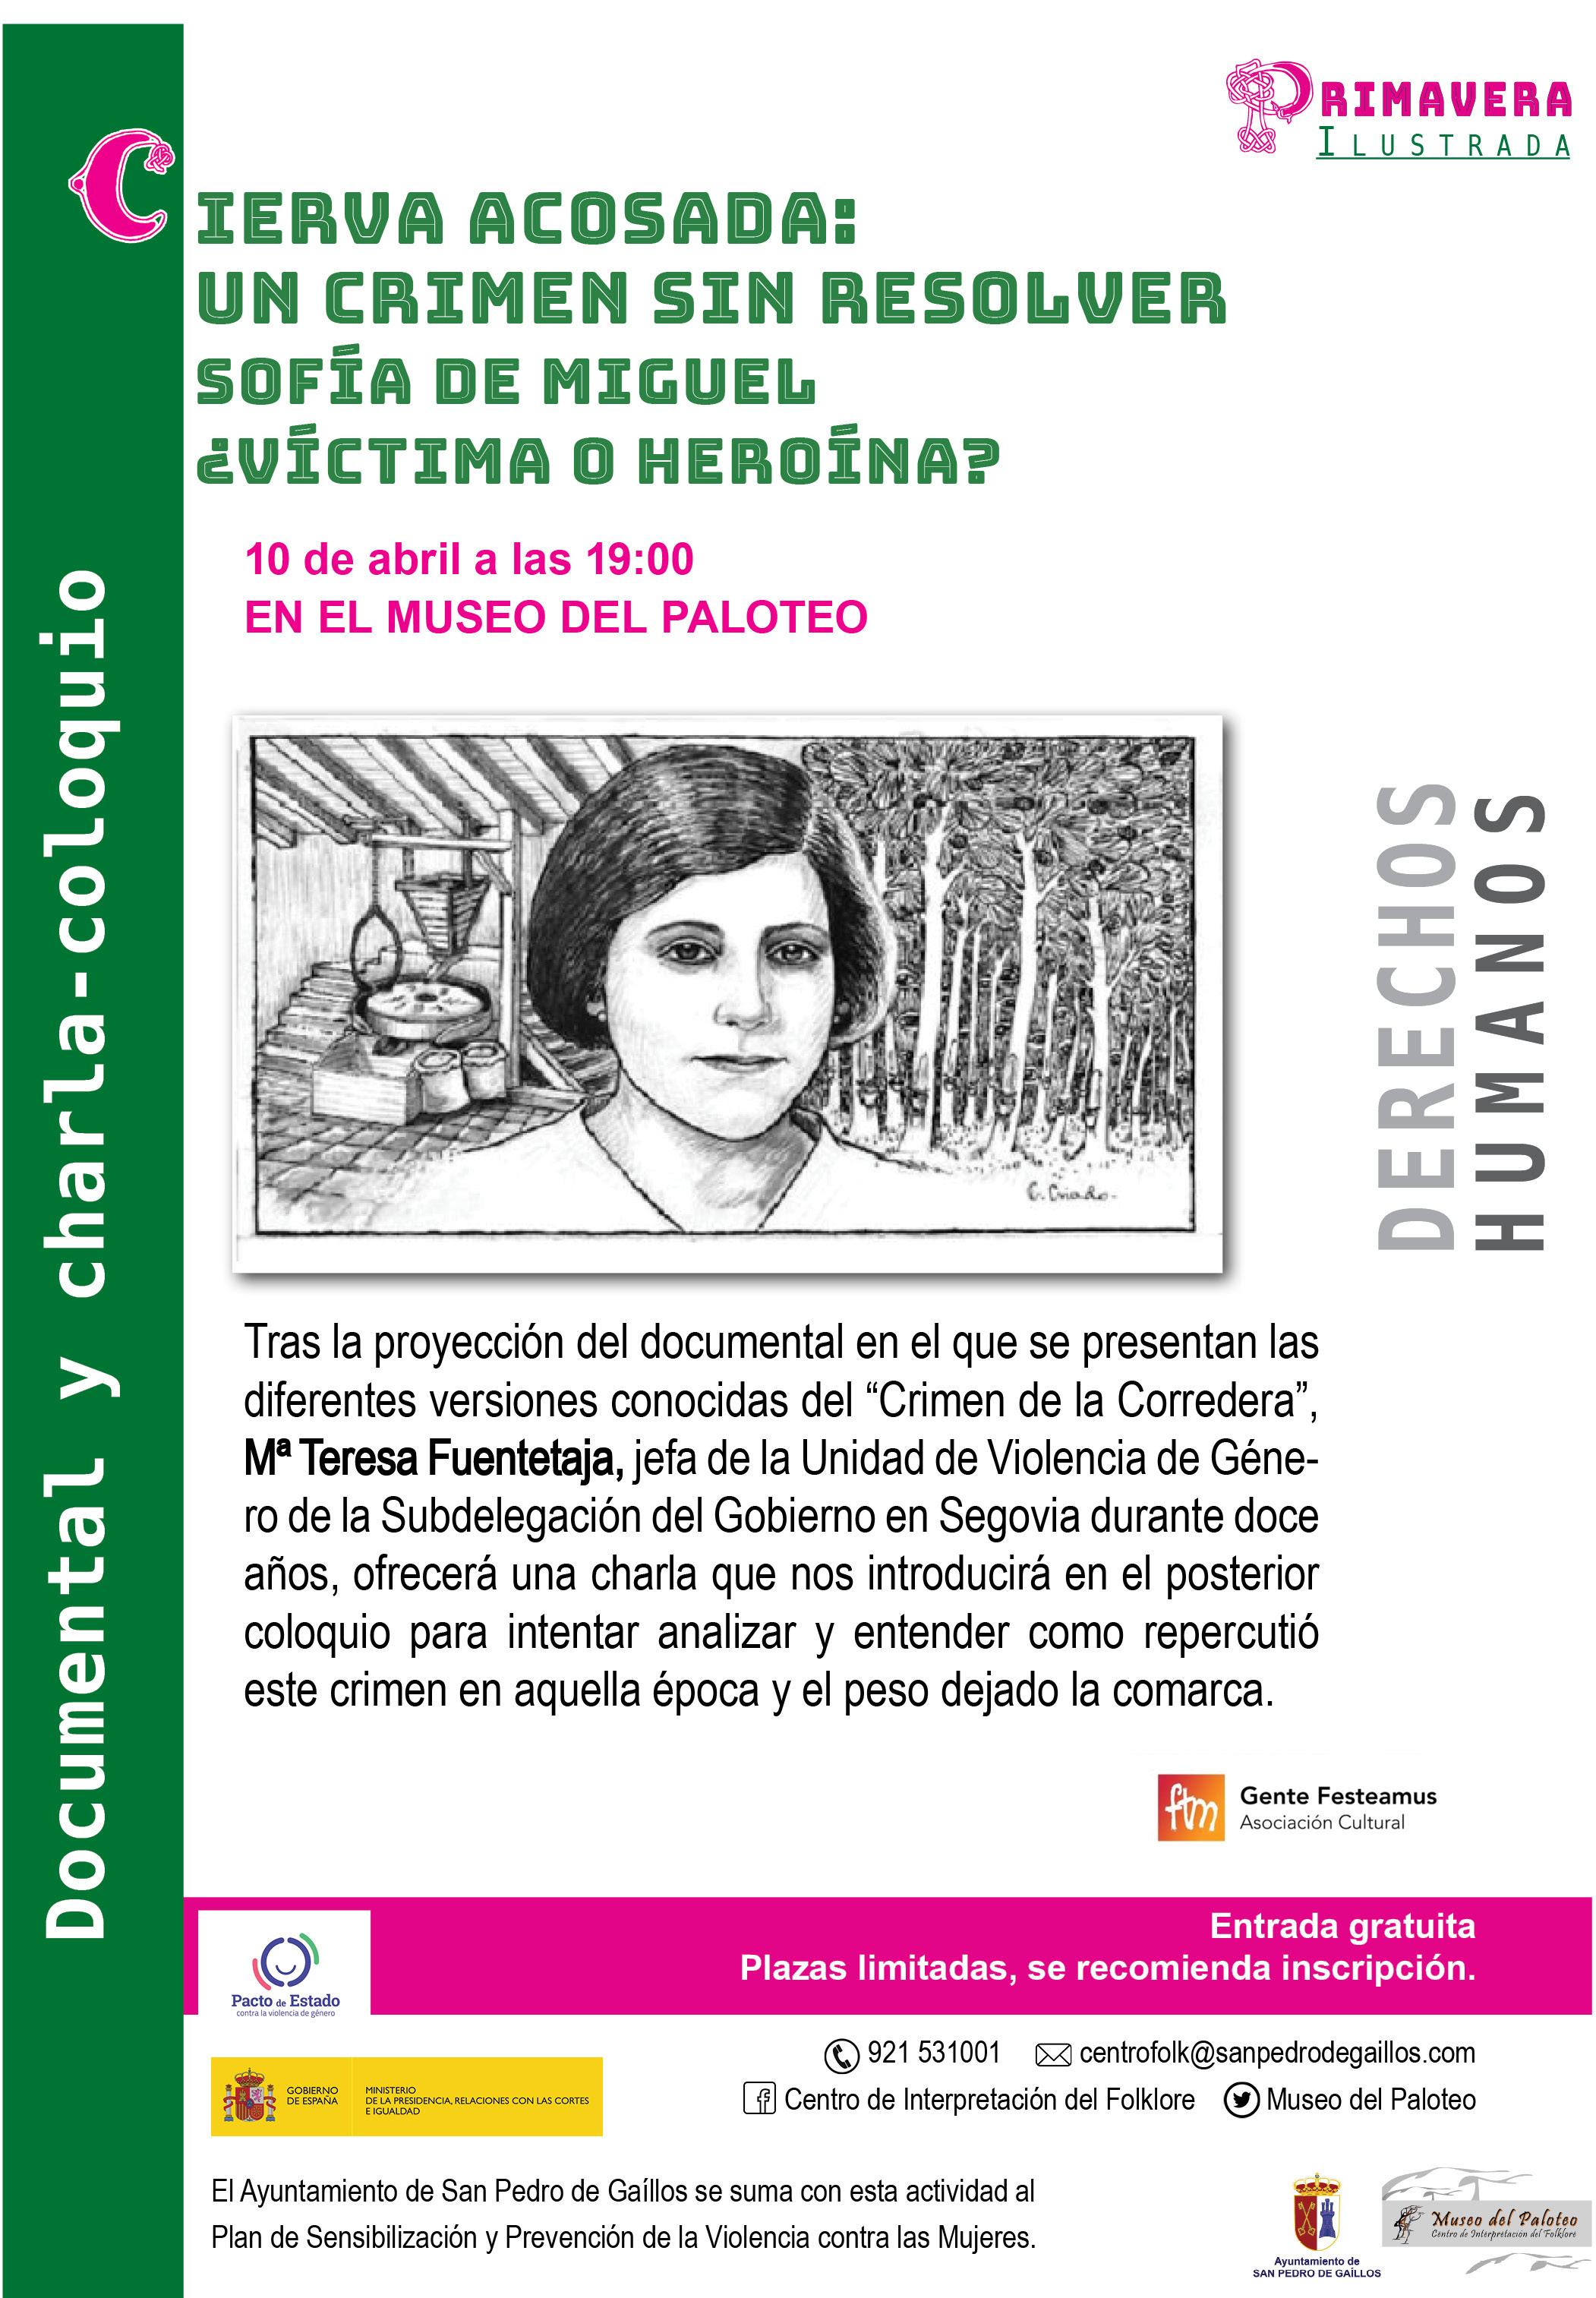 Documentaire et conférence: Acosada Cierva - Museo del Paloteo